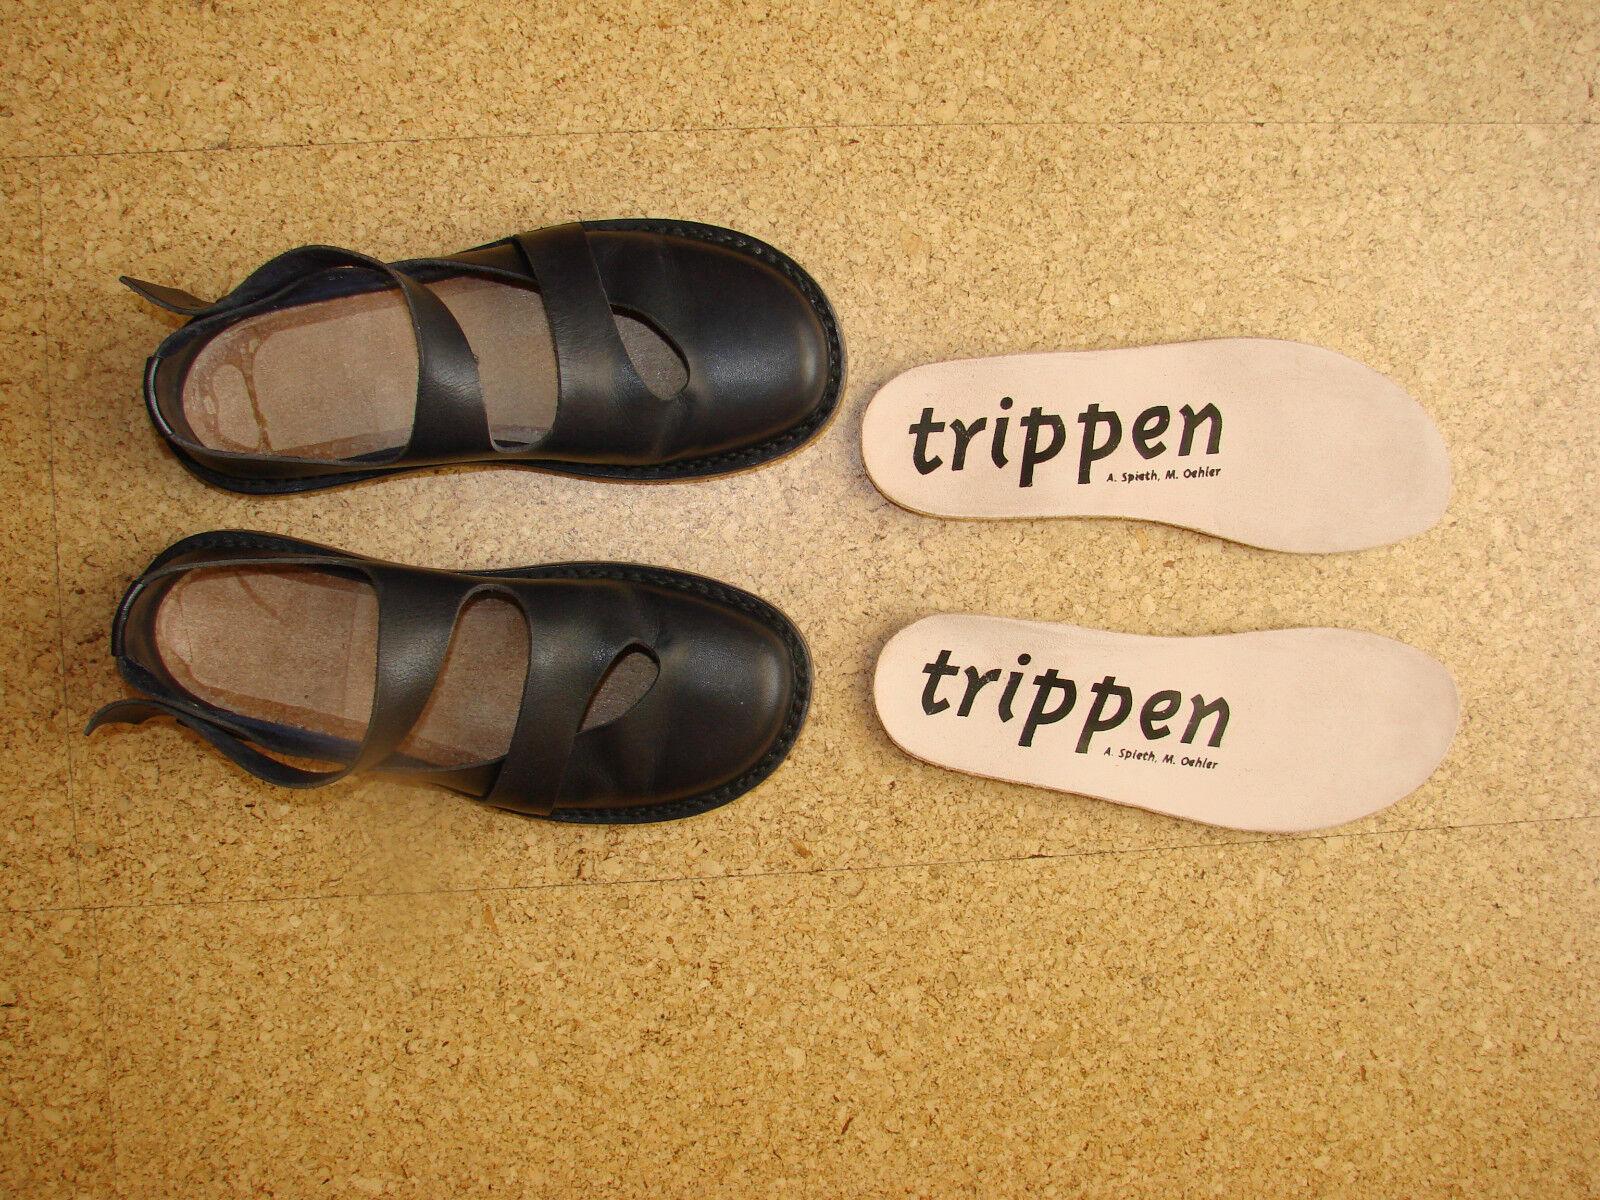 TRIPPEN Ballerina - dunkelblau - Gr. - 36 - wenig getragen - Gr. Wechselfussbett neu b89676